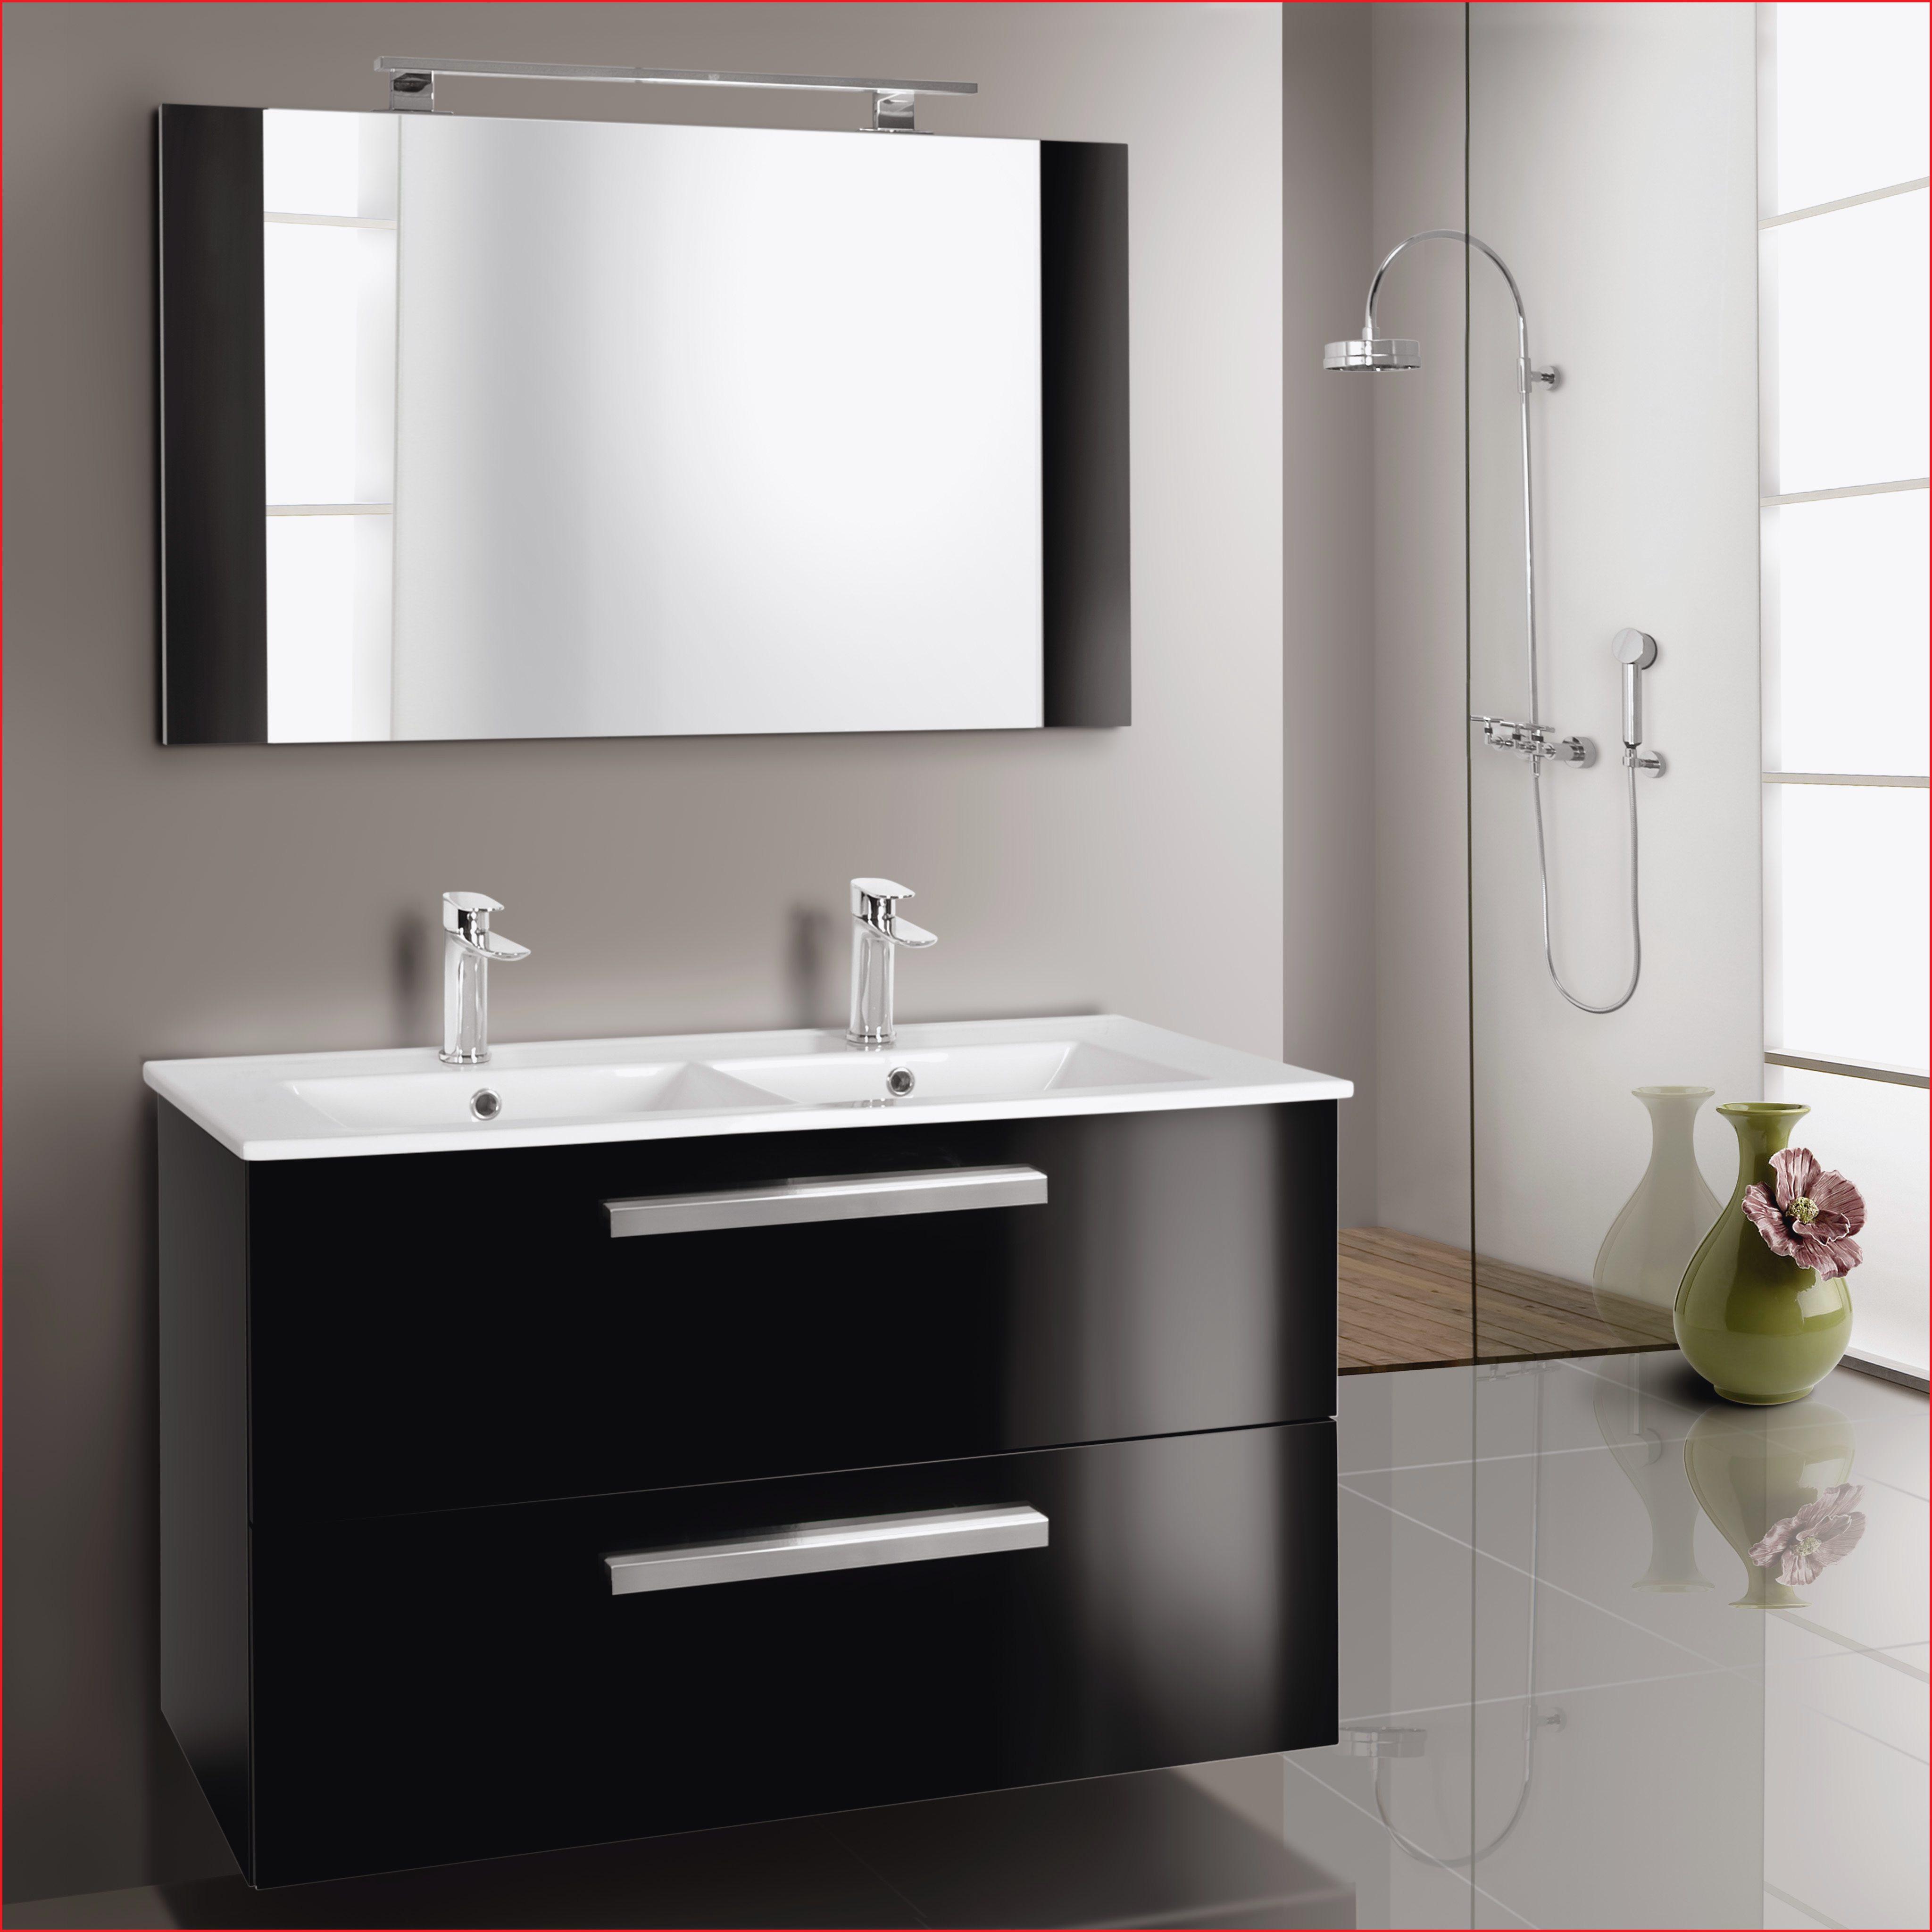 Muebles De Baño Blanco Nkde Muebles De Baà O Blanco Armario Blanco PequeO Proyecto A